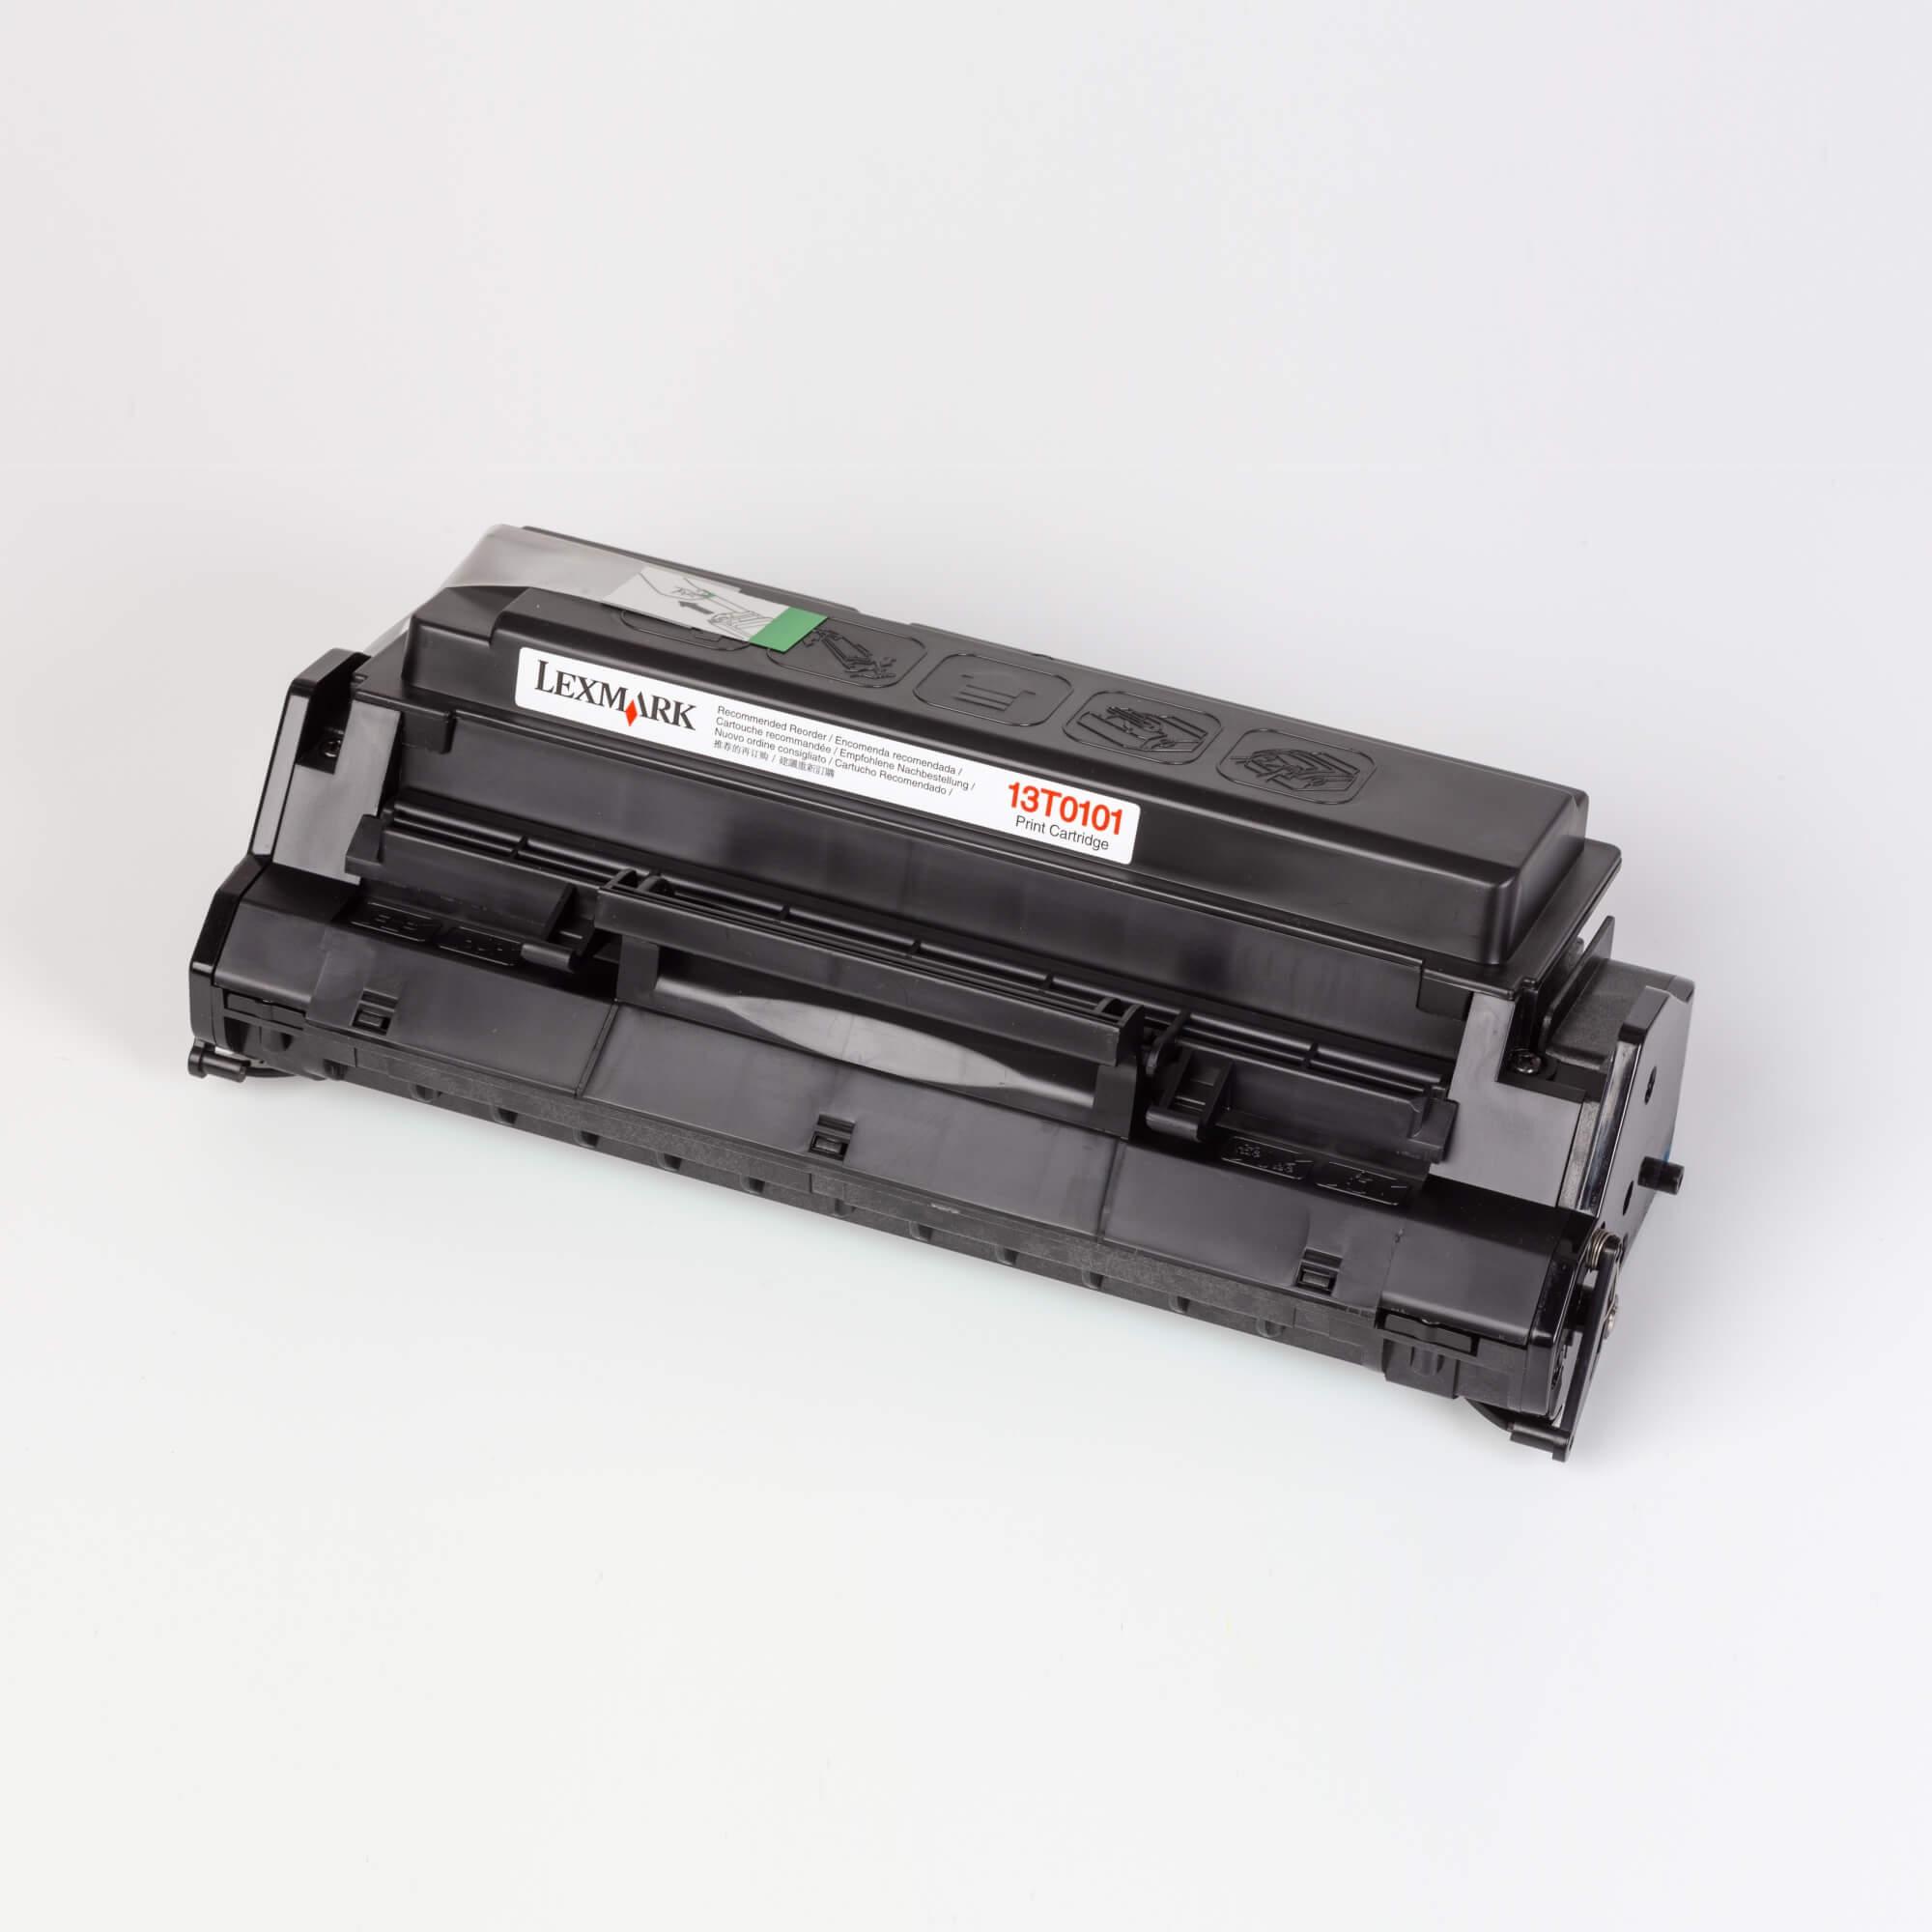 Auf dem Bild sehen Sie eine Lexmark 13T0101 Tonerkartusche schwarz Standardkapazität